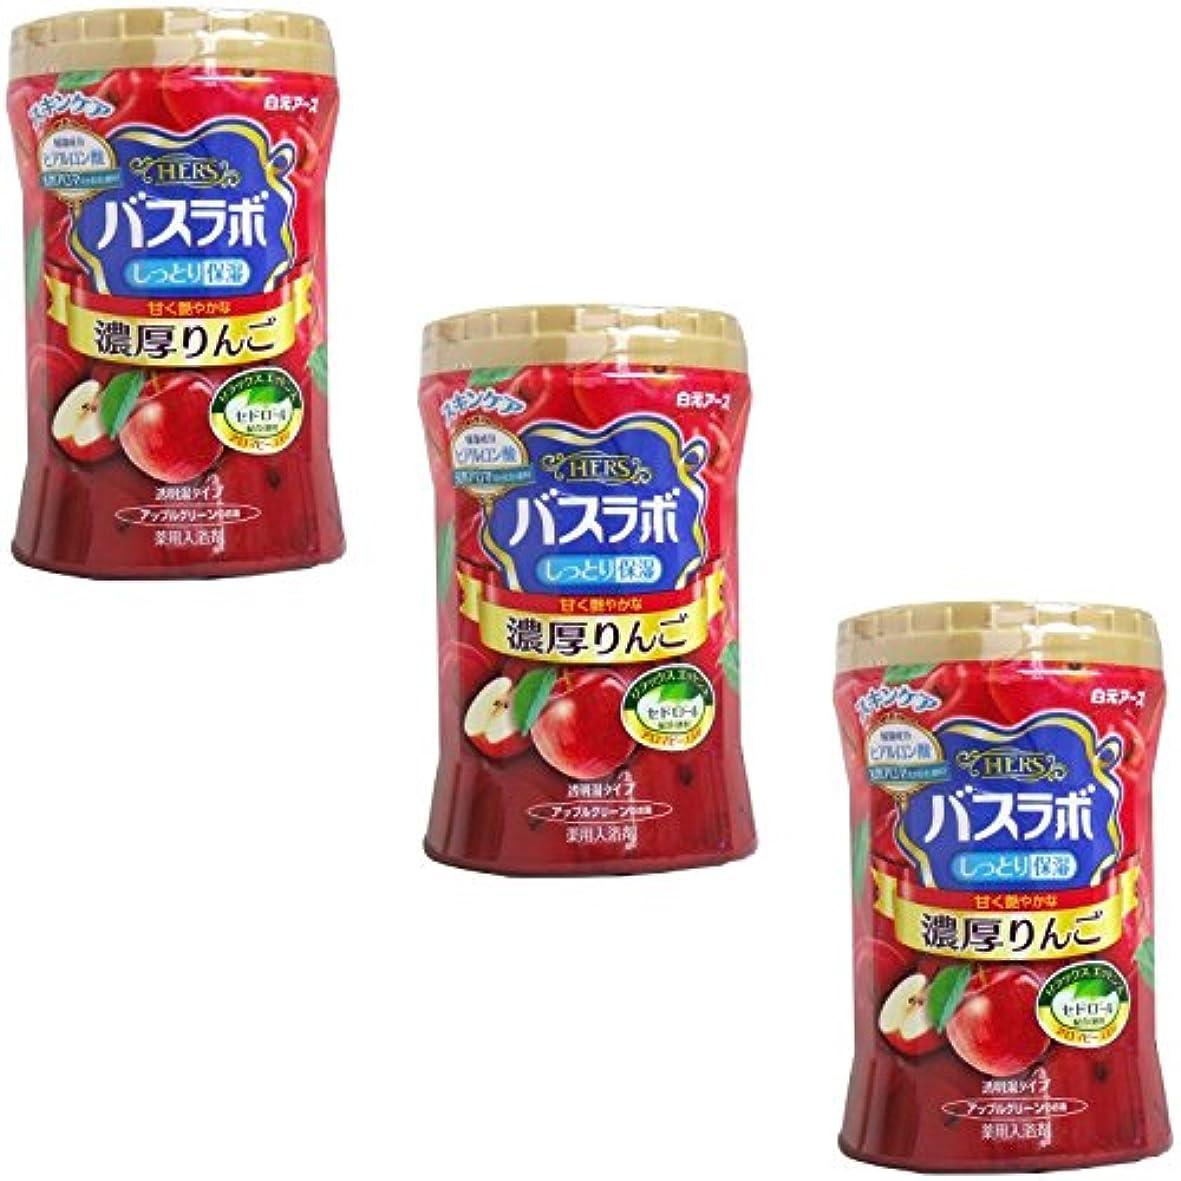 腕リーダーシップ参加者【まとめ買い】バスラボボトル濃厚りんごの香り【×3個】